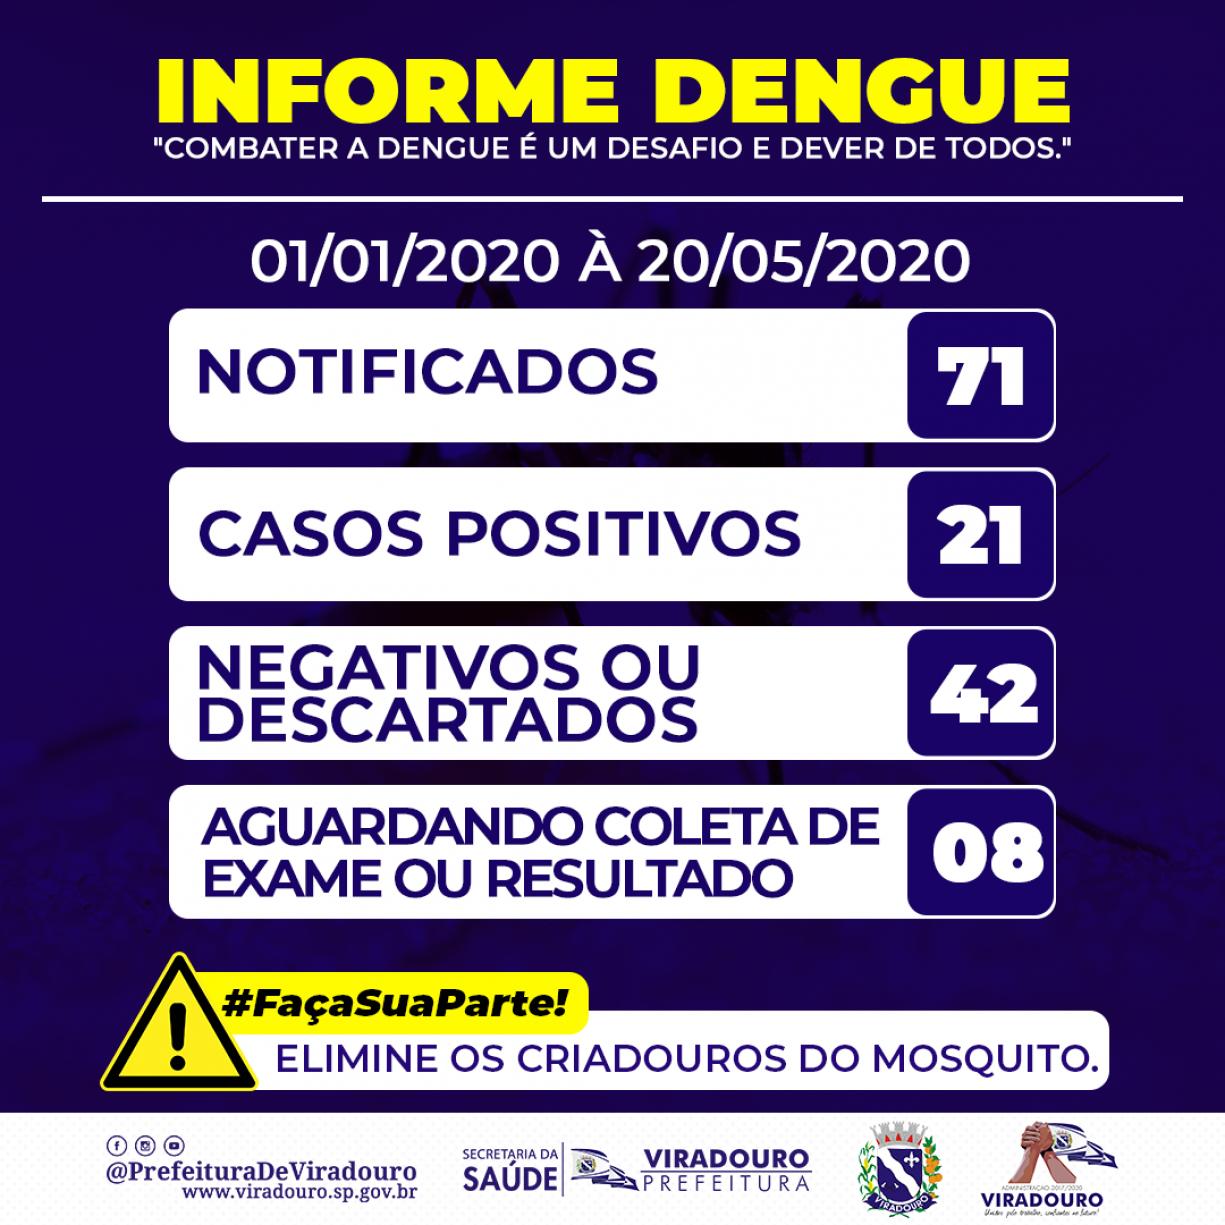 DENGUE: BOLETIM EPIDEMIOLÓGICO (Atualizado 20/05/2020)